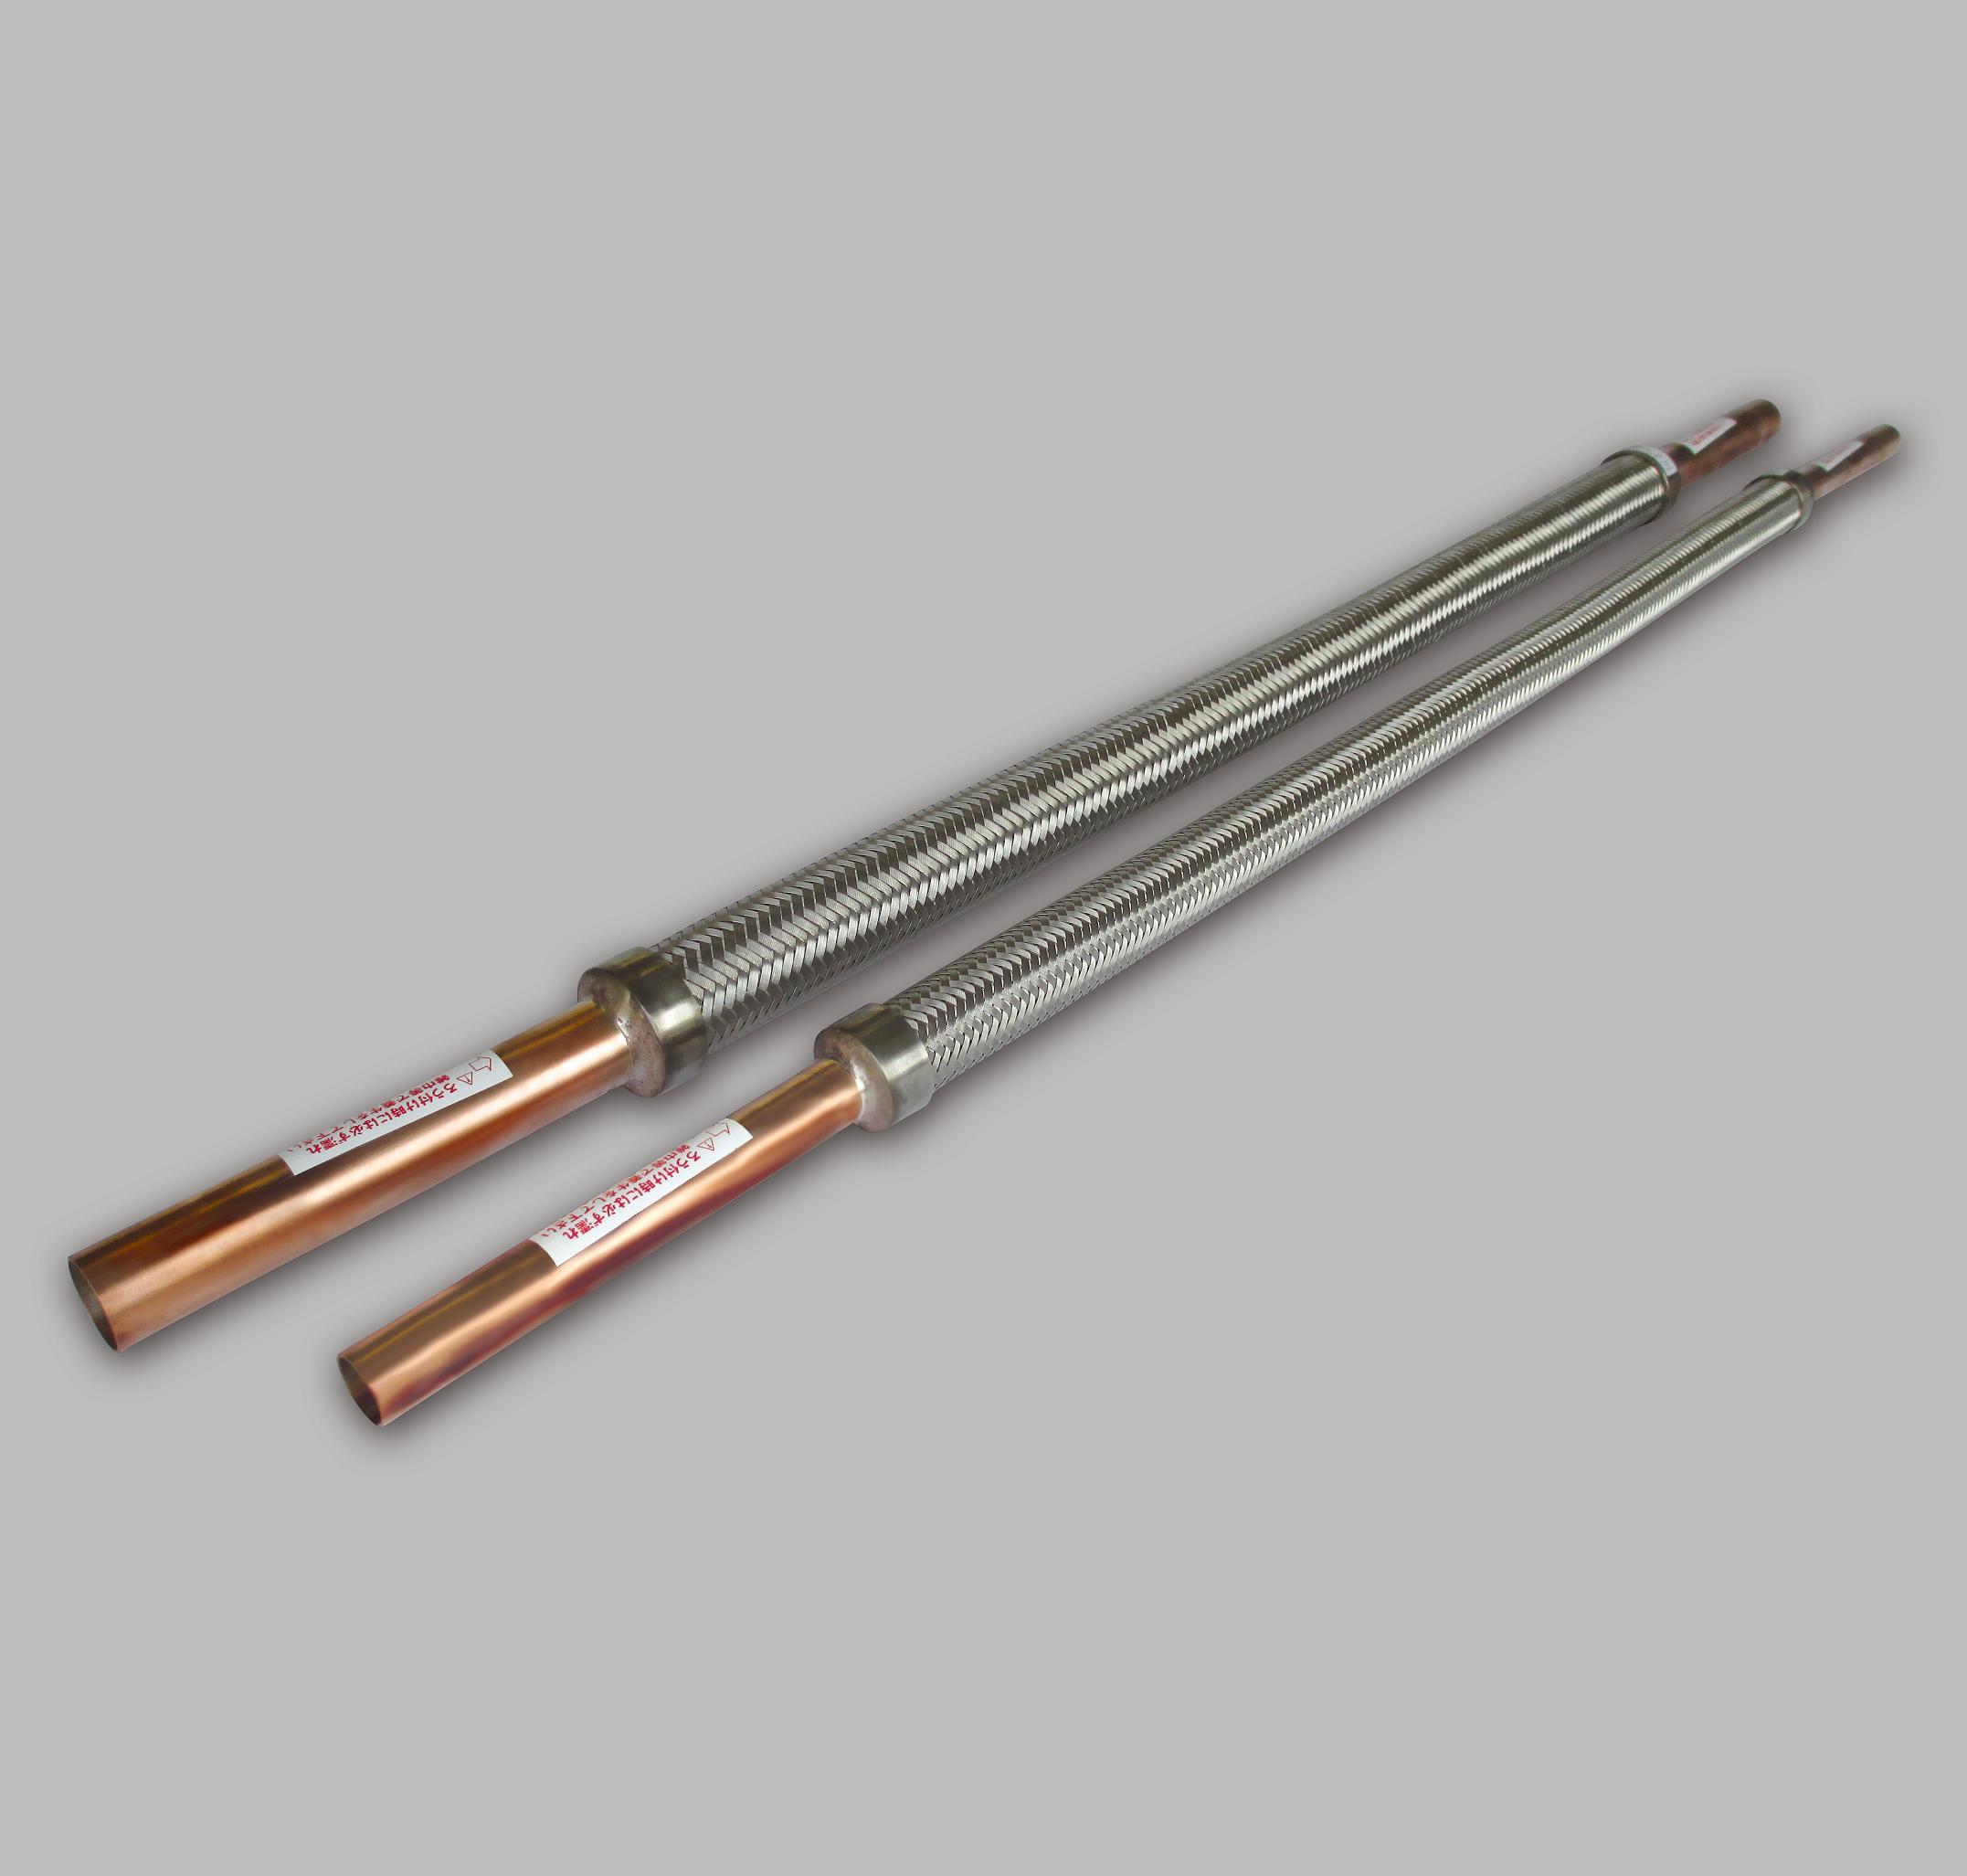 冷媒銅管用変位吸収継手 レフリックス